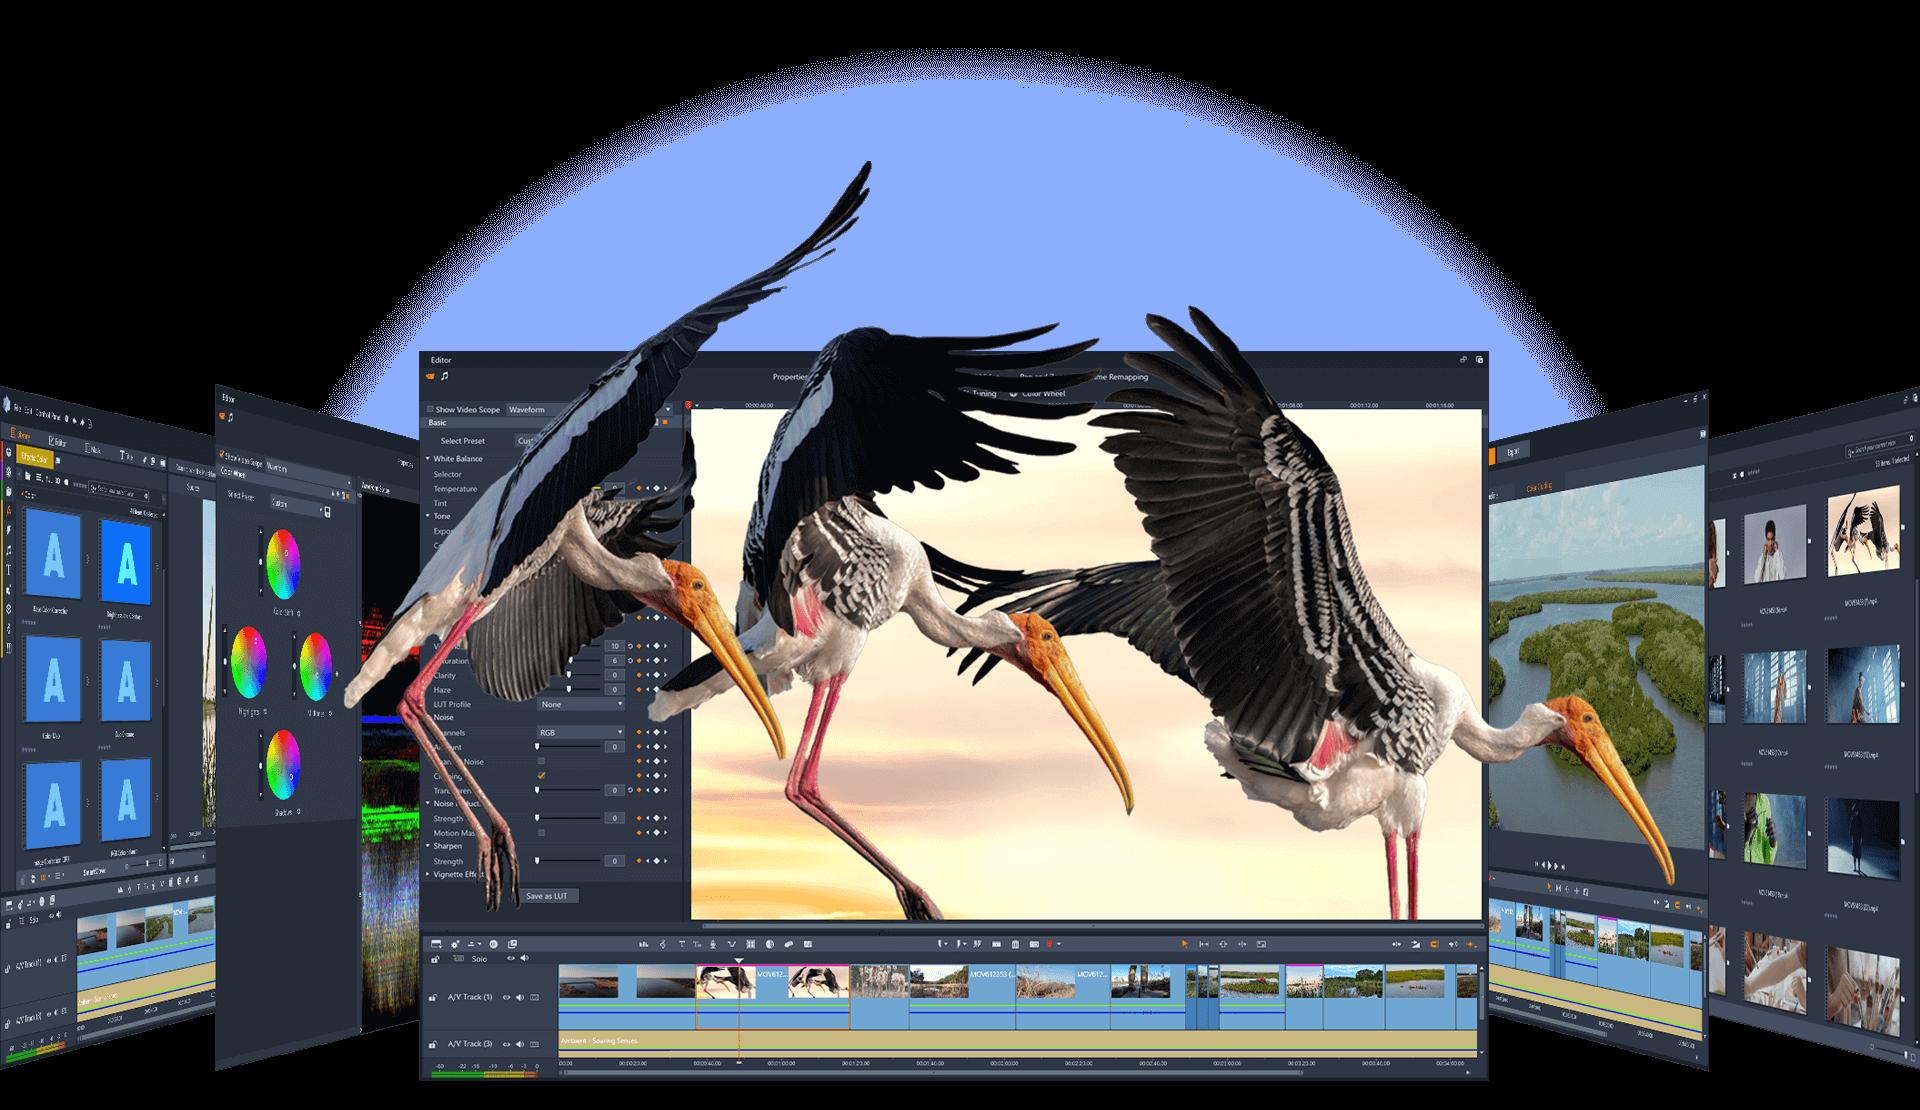 Movie & video editing software - Pinnacle Studio 25 Ultimate